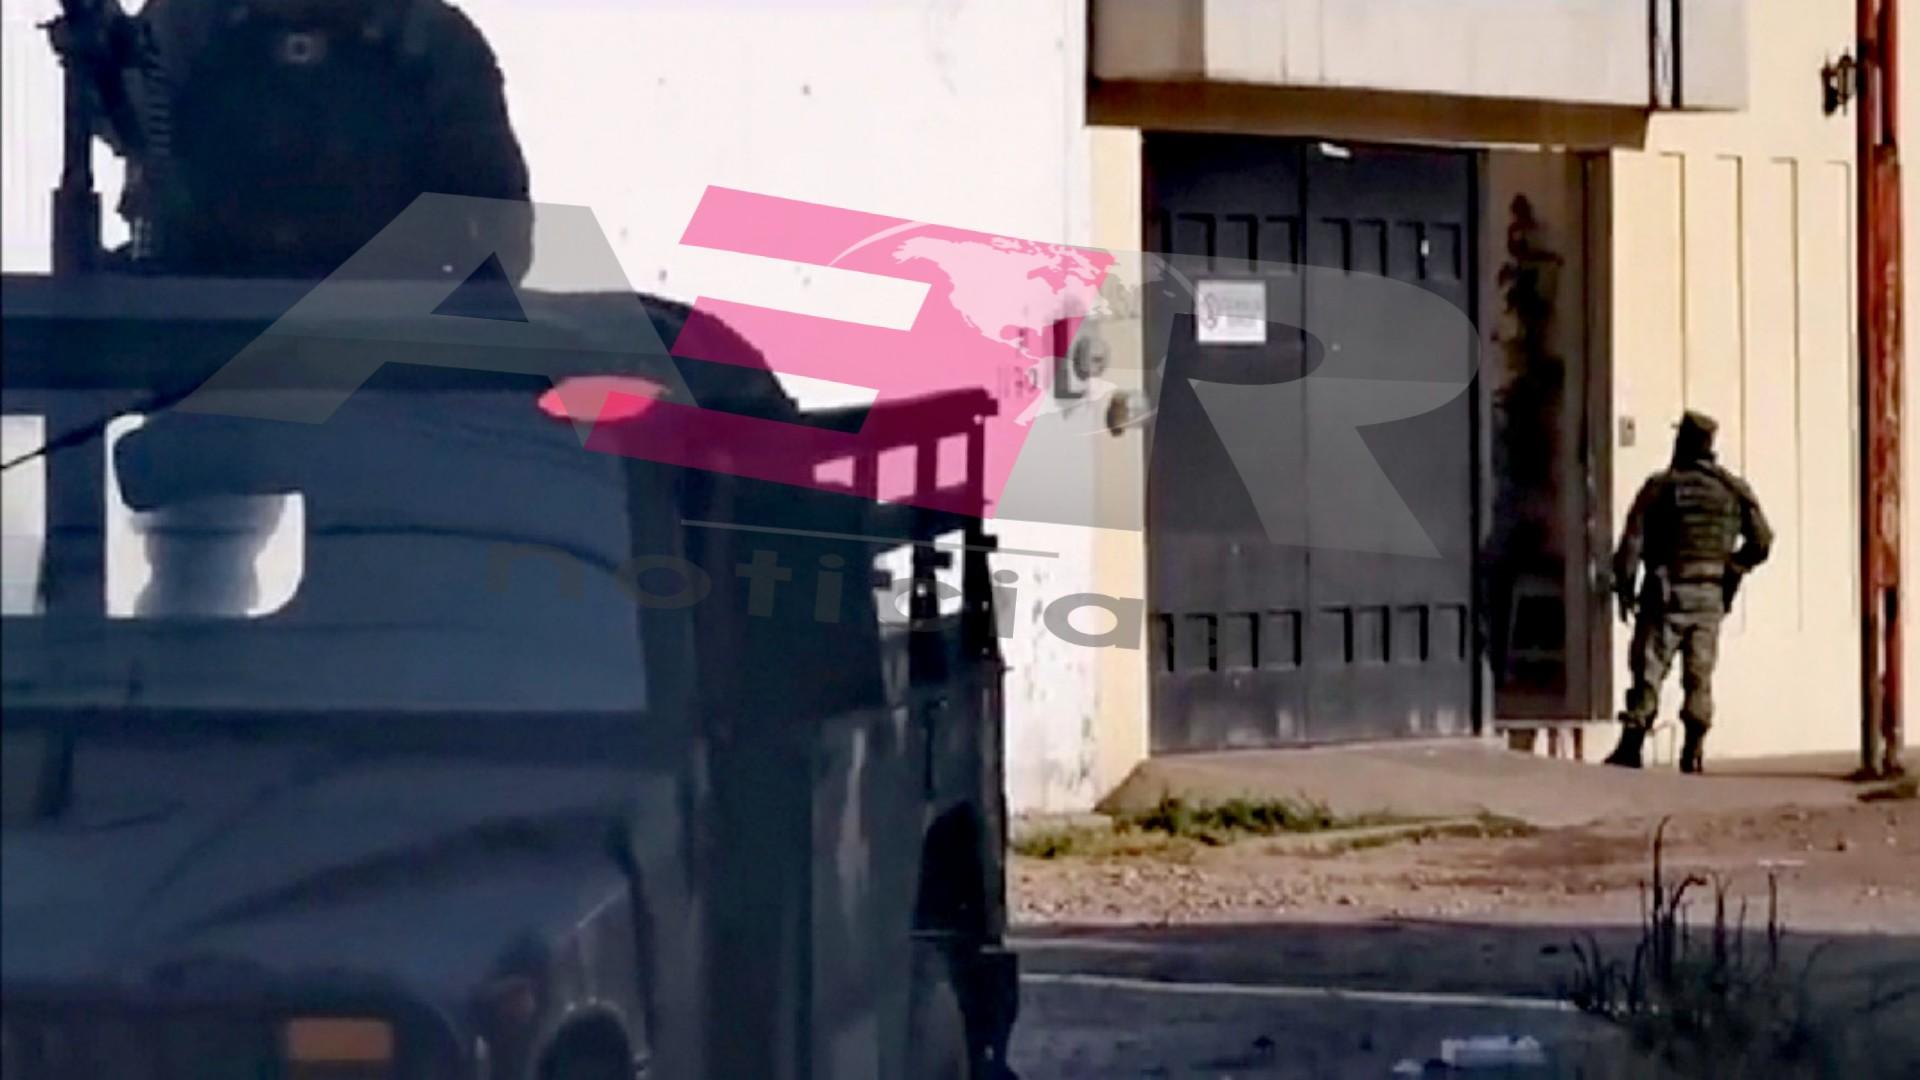 CONFIRMA FGE LA LIBERACIÓN DE 13 DE 23 INTERNOS PRIVADOS DE LA LIBERTAD DE ANEXO EN IRAPUATO 2